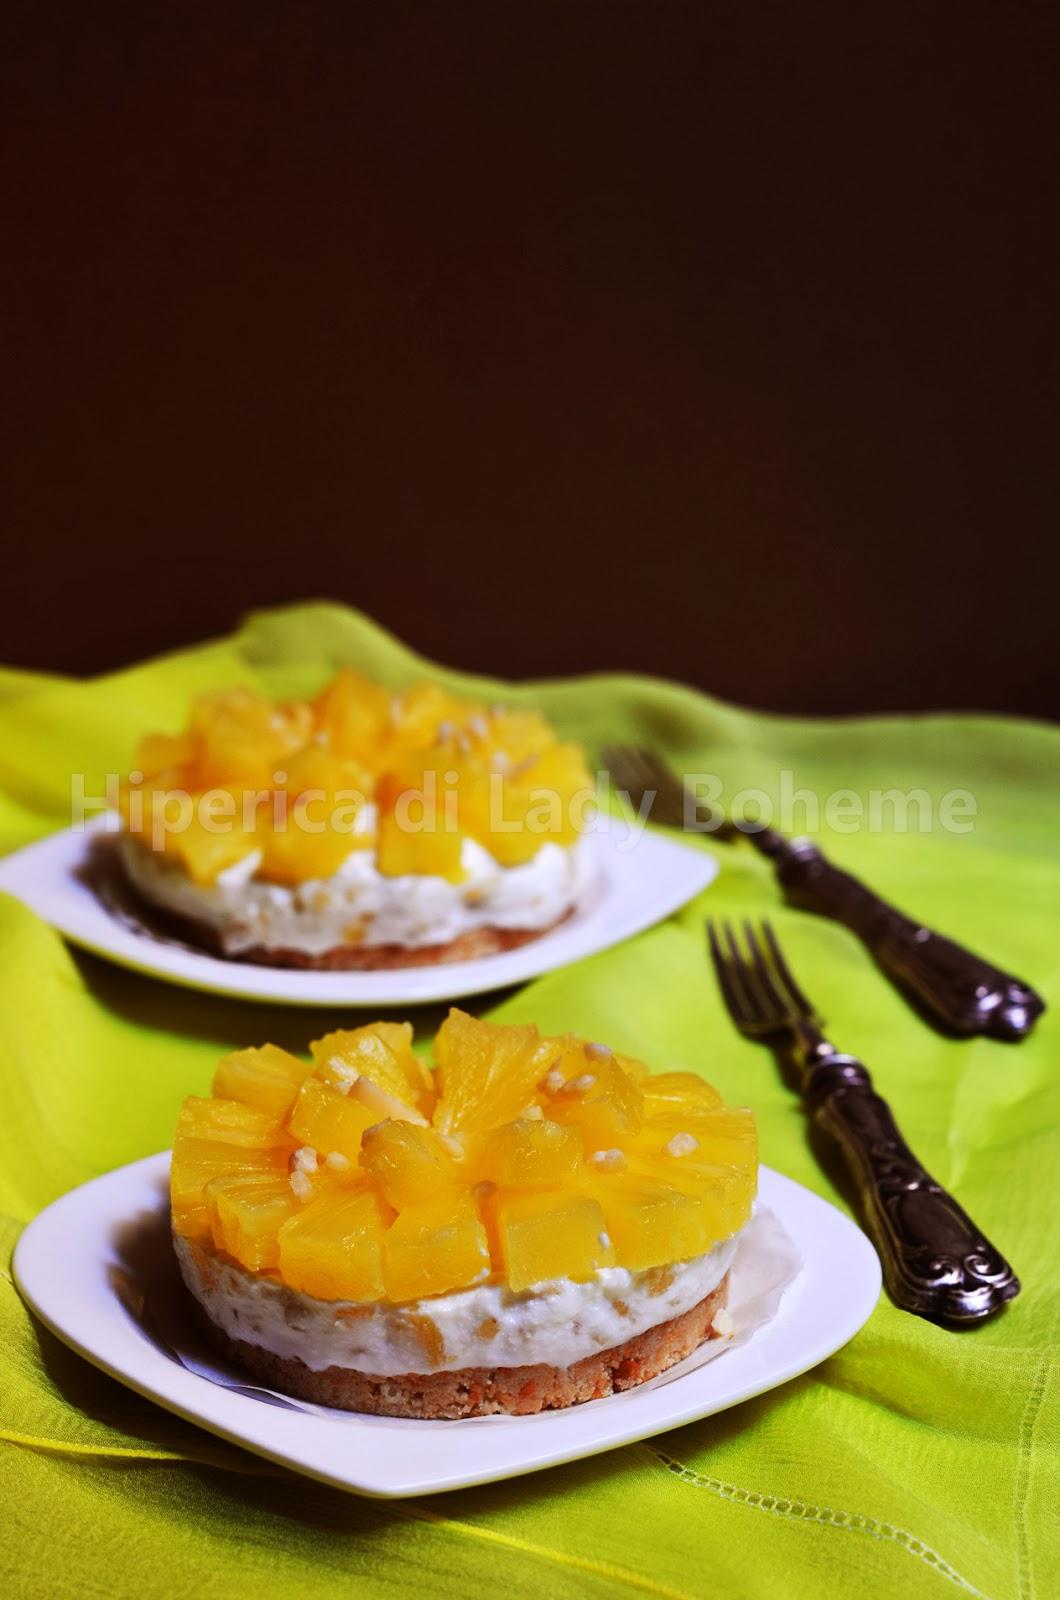 hiperica_lady_boheme_blog_cucina_ricette_gustose_facili_veloci_mini_cheesecake_senza_cottura_alla_ricotta_e_ananas_2